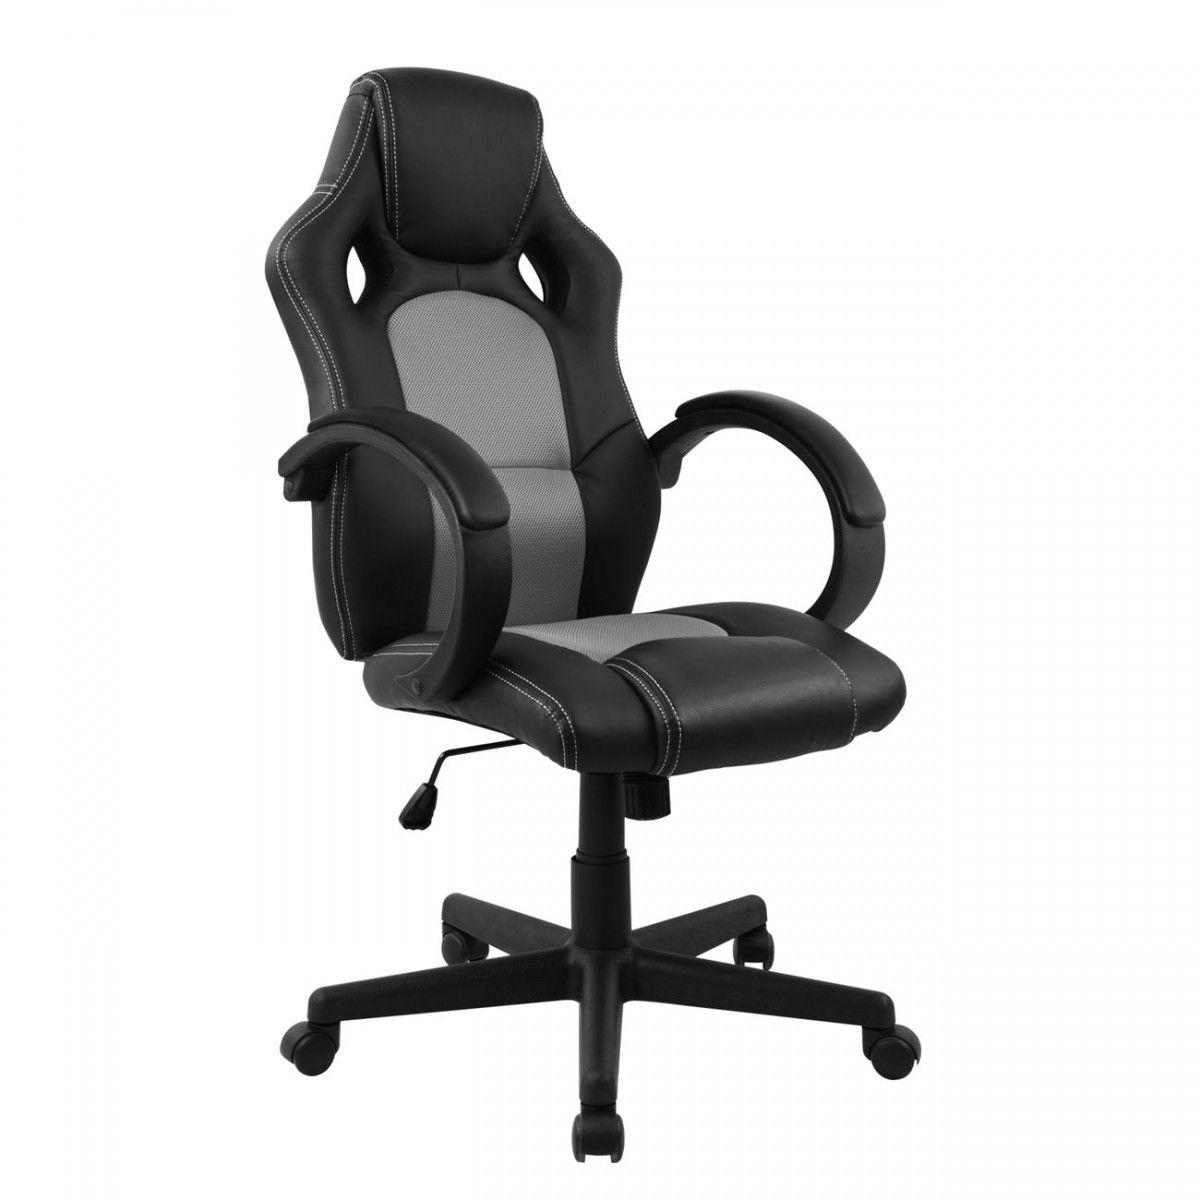 Cadeira Gamer DTX Pro Preta Cinza Encosto Reclinável Altura Regulável- at.home